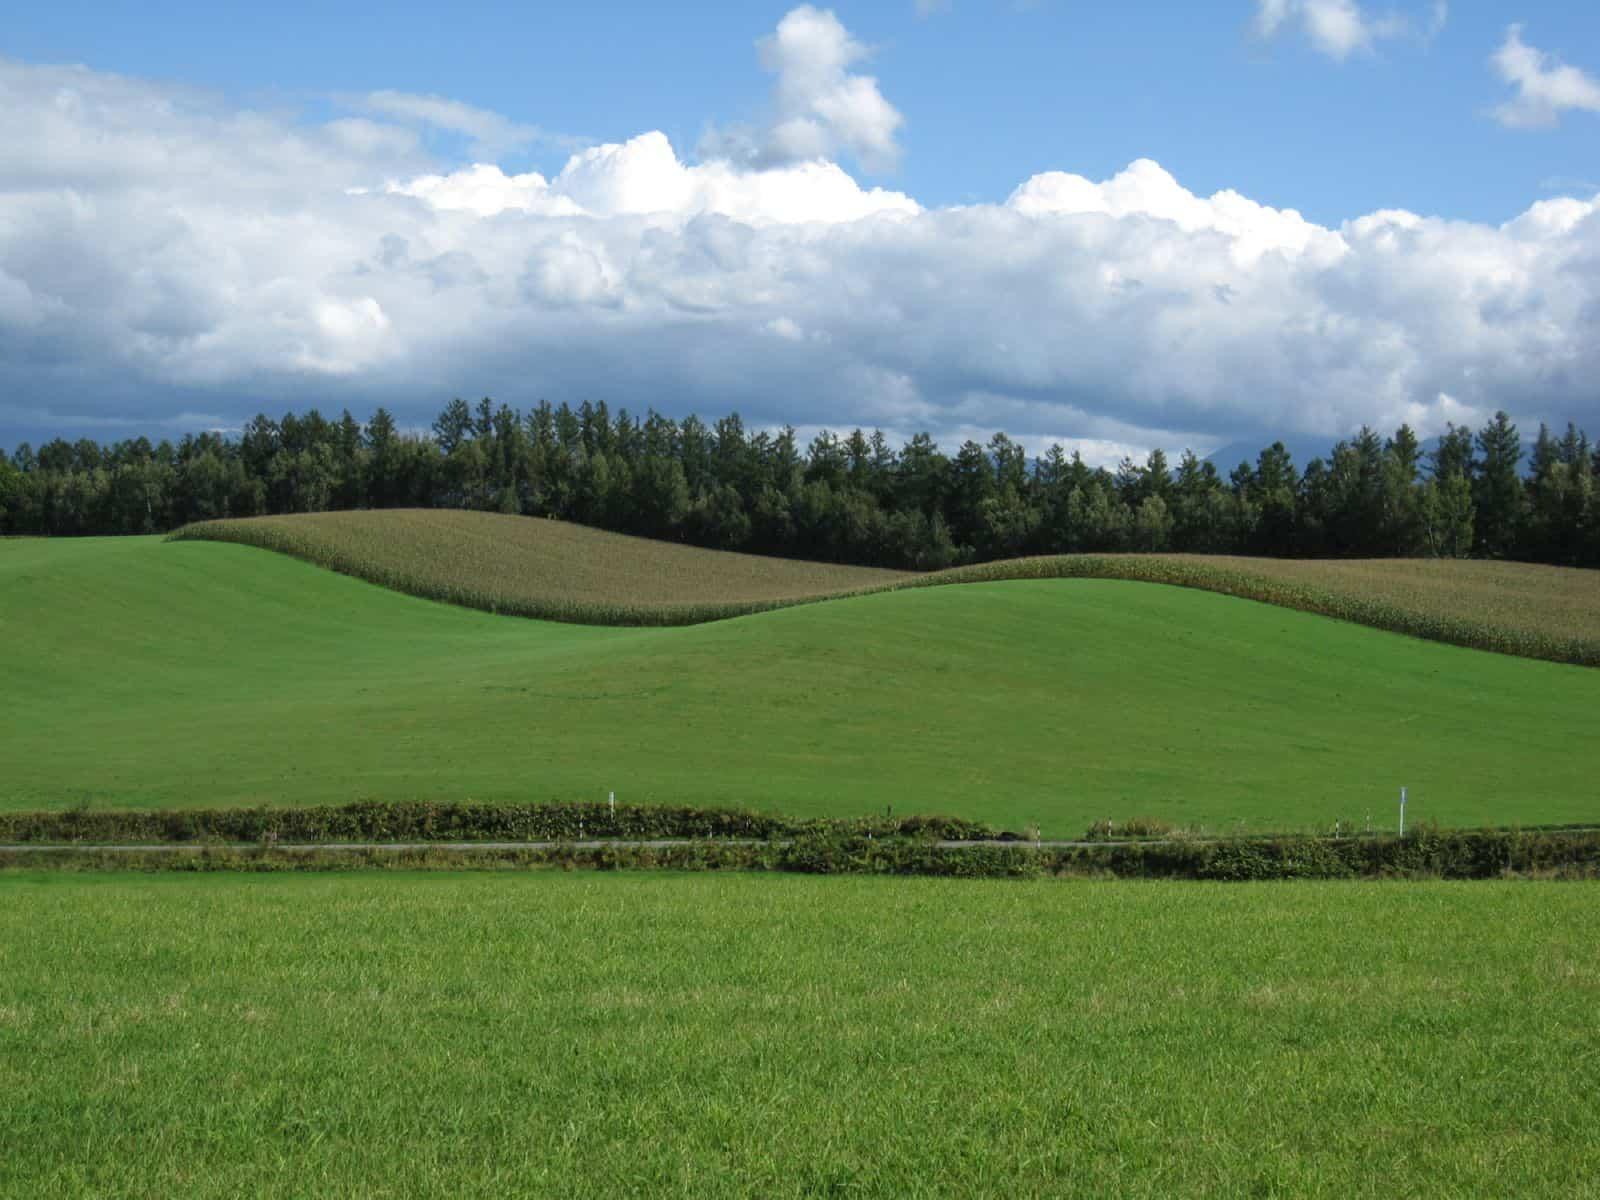 Право постоянного пользования земельным участком в 2019 году, прекращение права постоянного бессрочного пользования земельным участком, переоформление, государственная регистрация